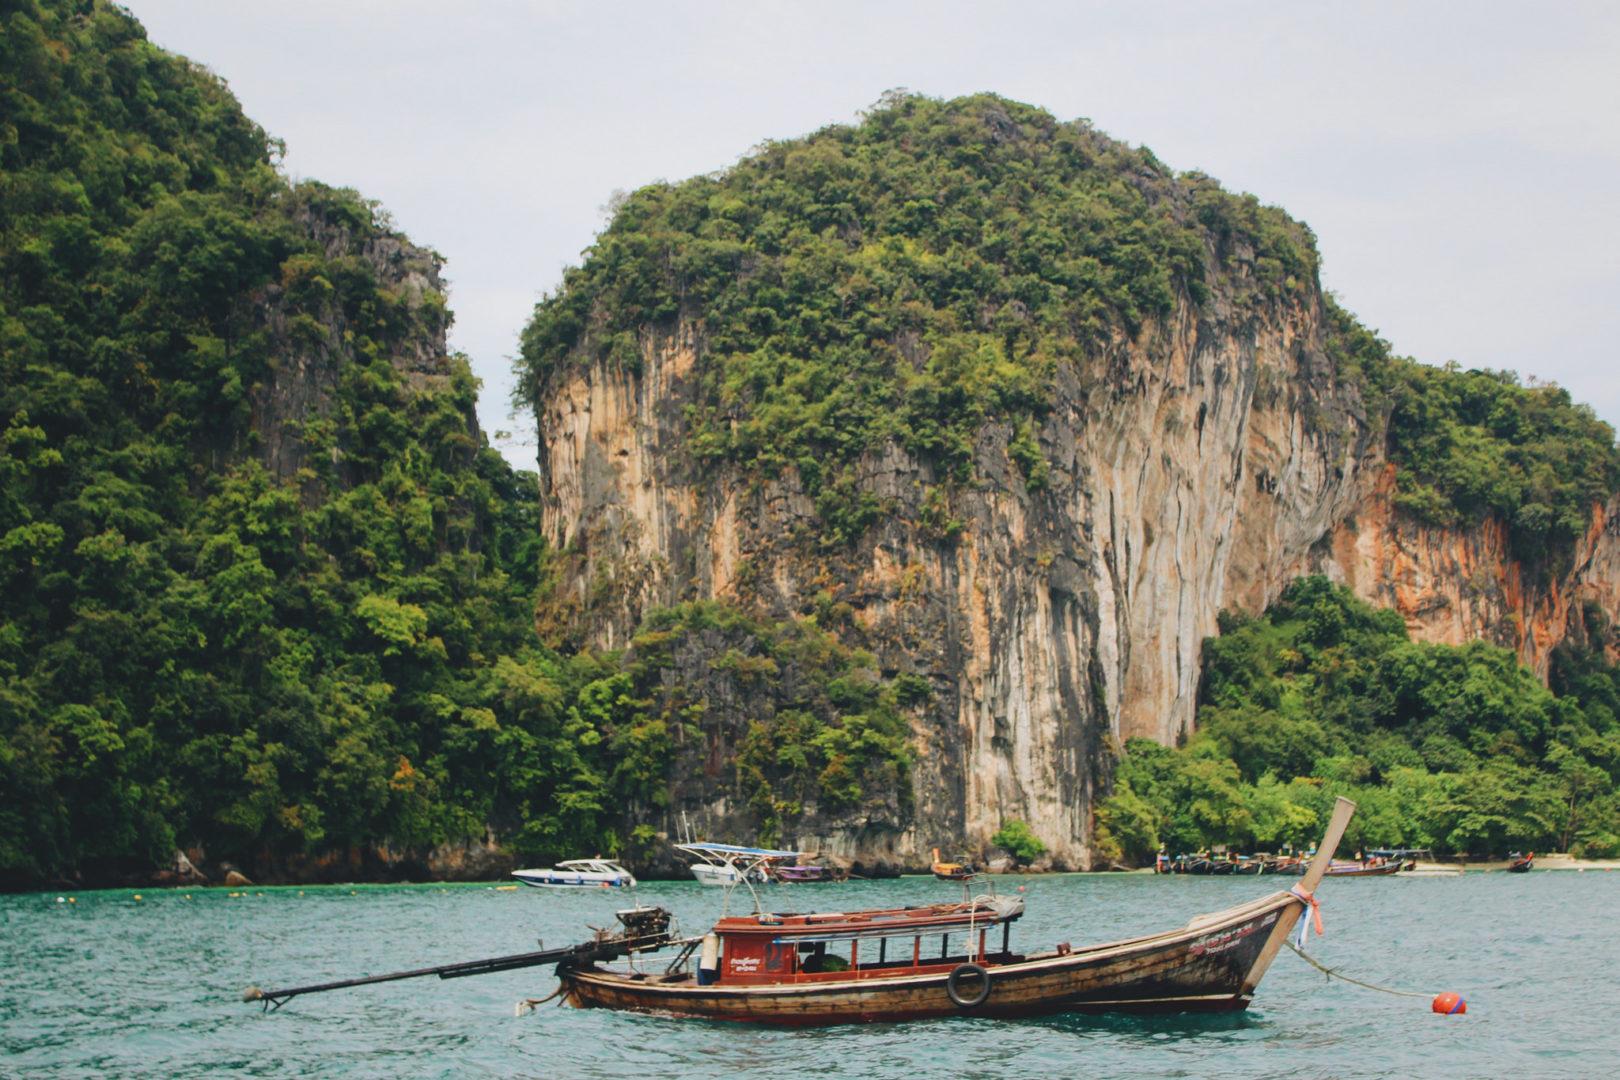 Thailand is a dream destination